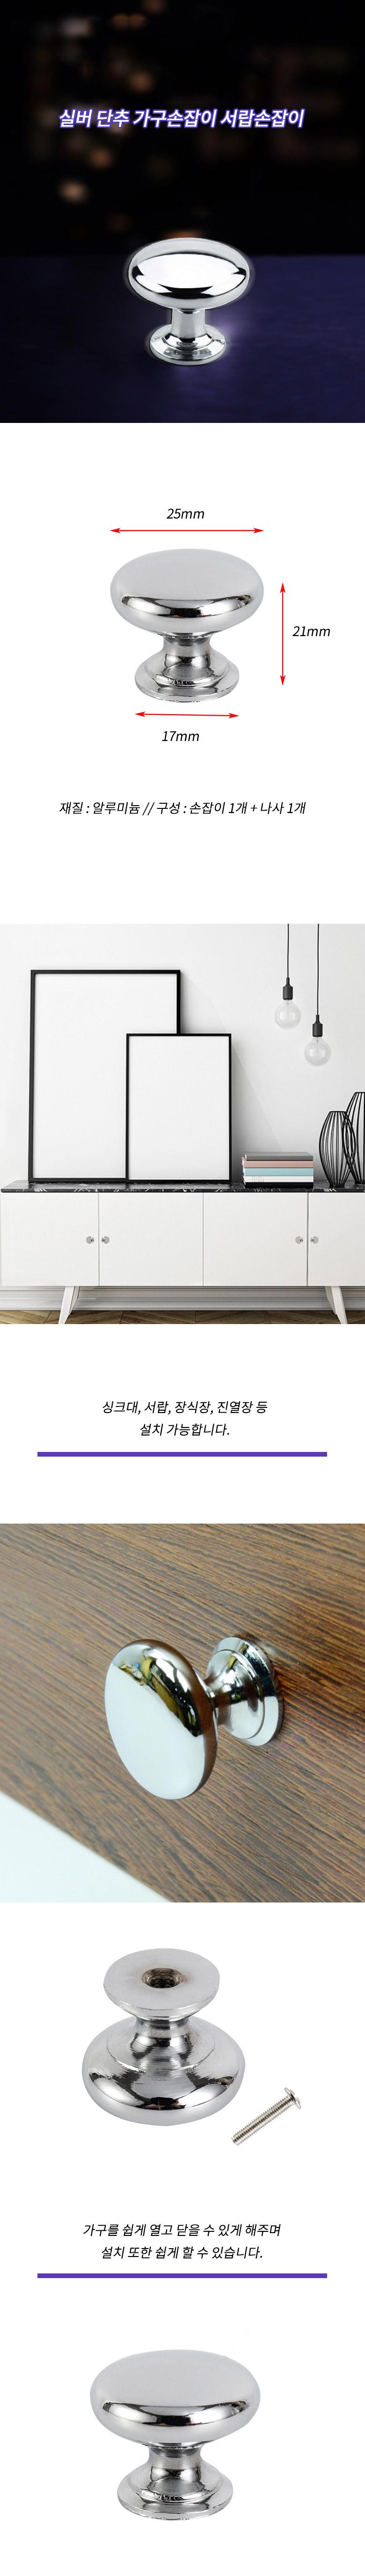 실버 단추 가구손잡이 서랍손잡이 - 홀트레이드, 1,900원, DIY 재료, 부자재